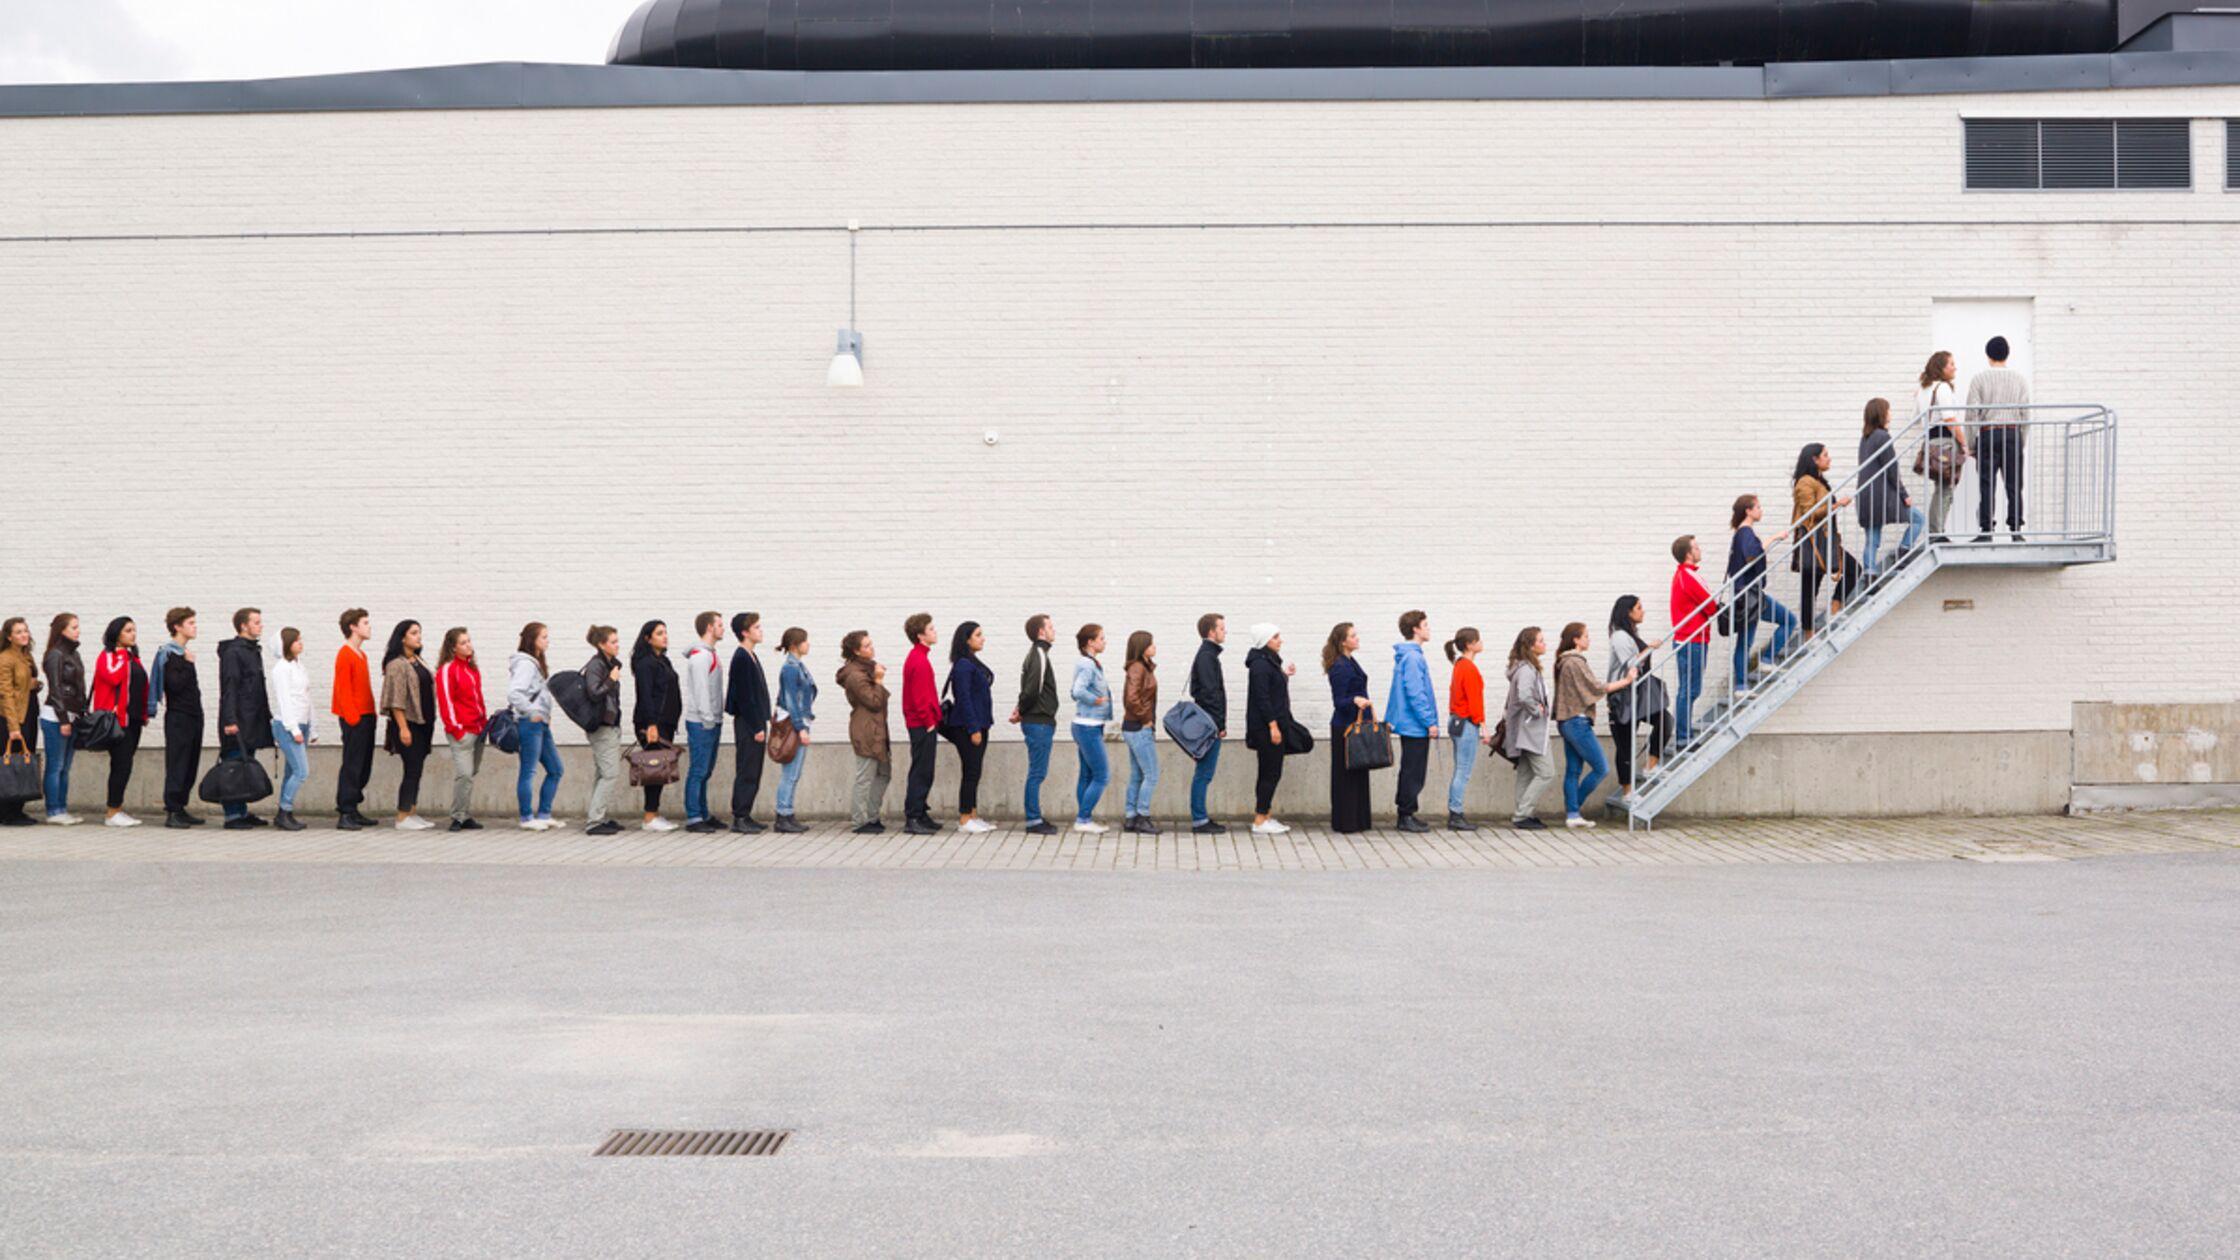 Studenten stehen an